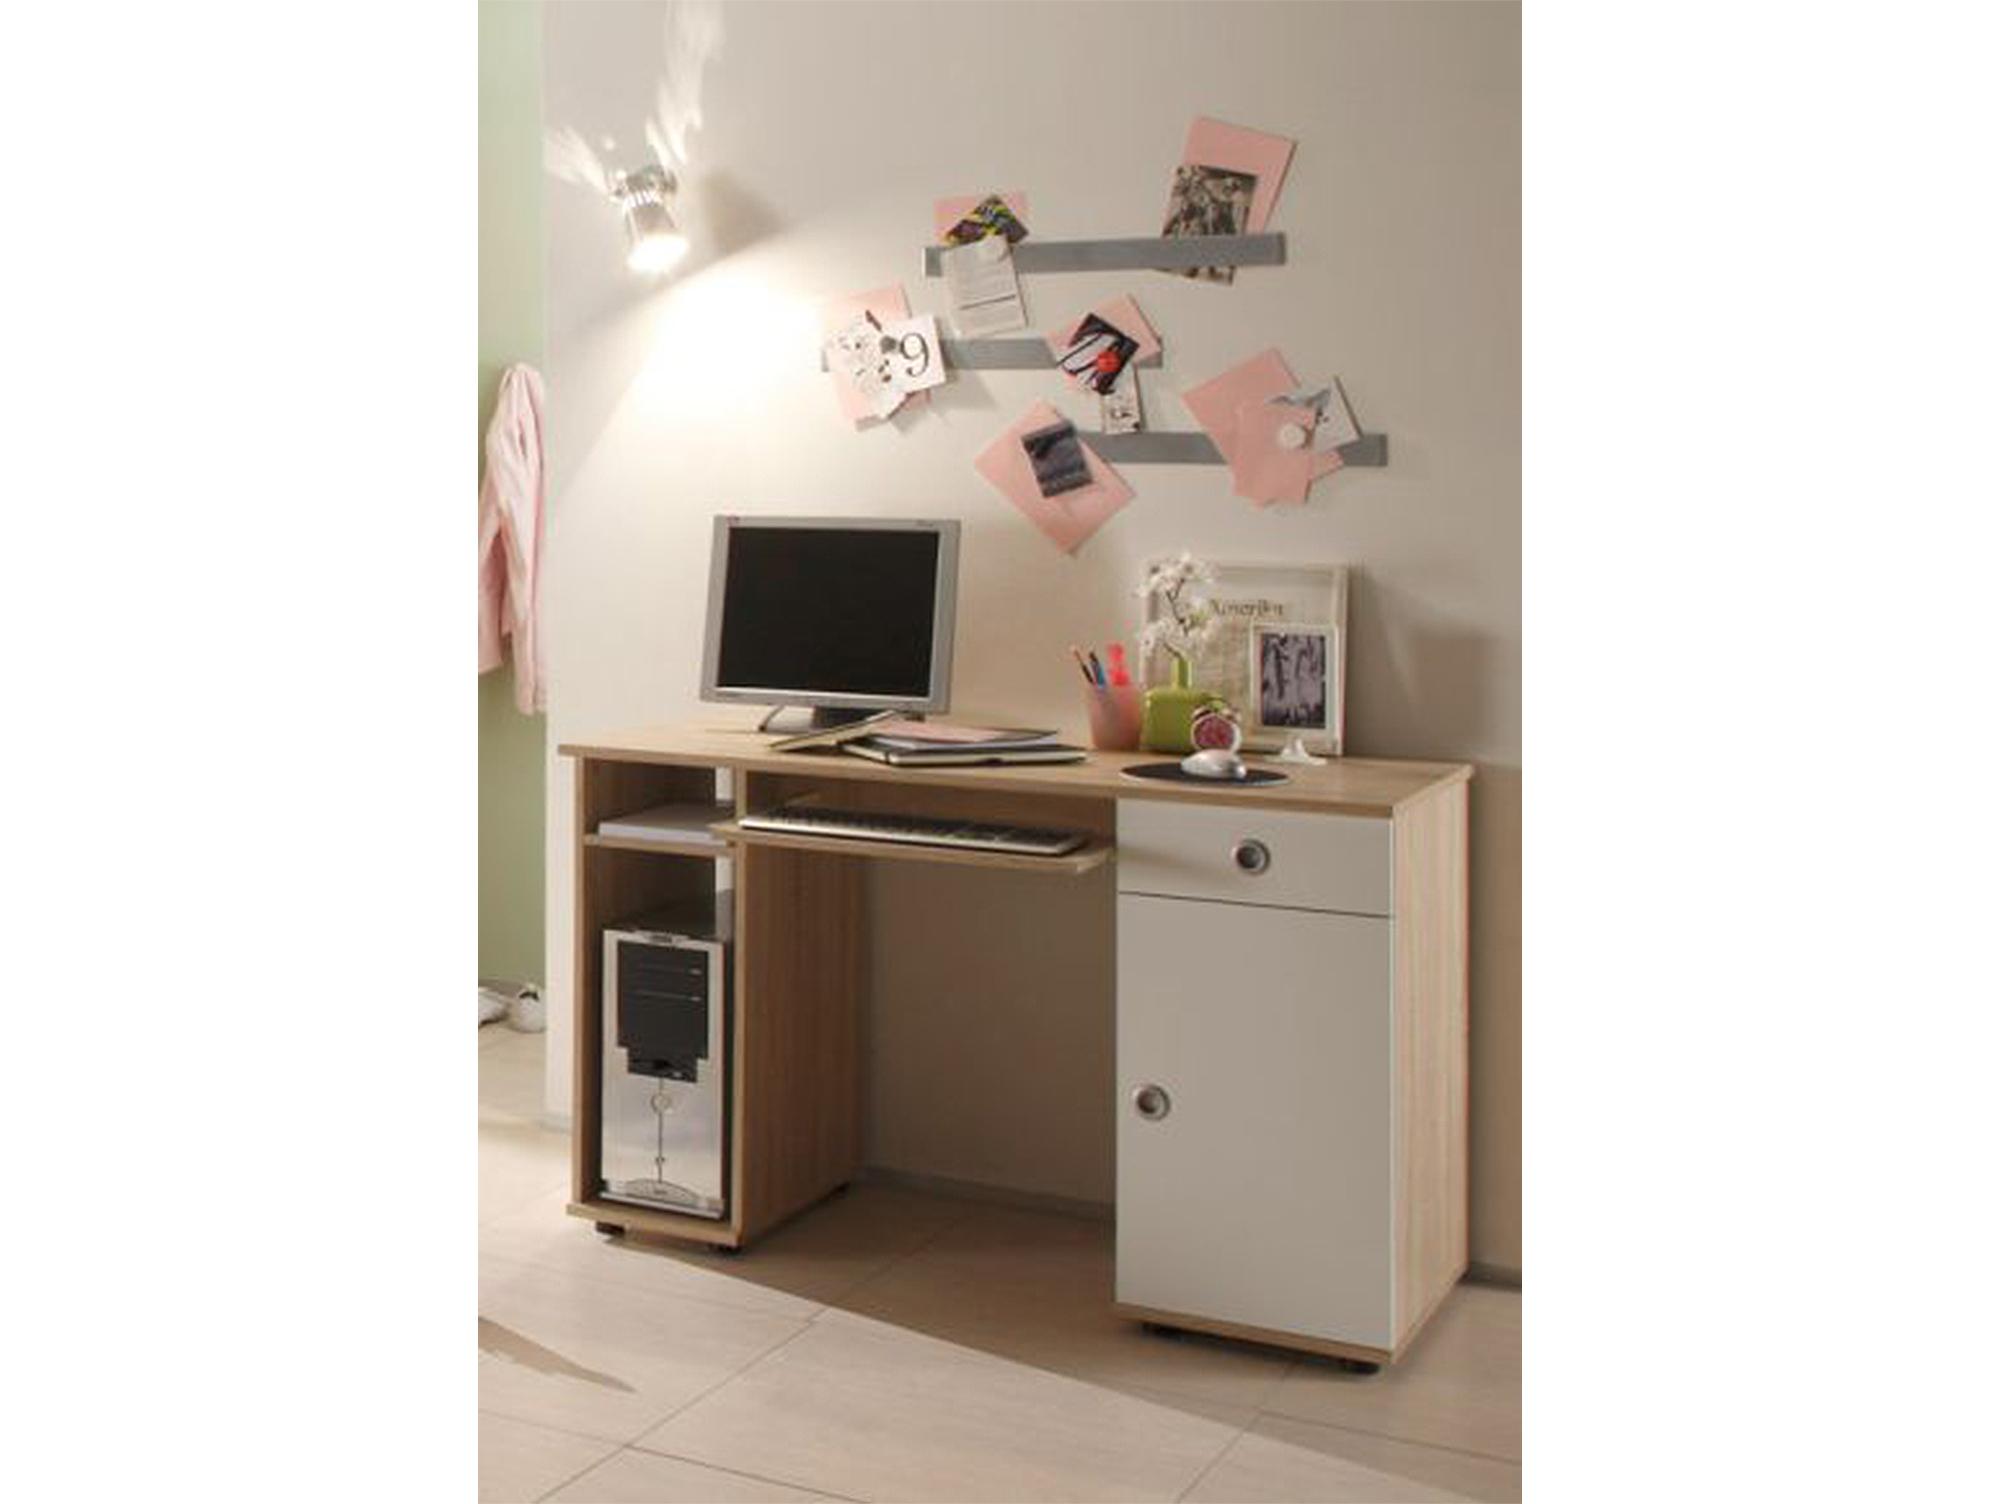 tina jugendzimmer sonoma eiche wei mit schwebet renschra. Black Bedroom Furniture Sets. Home Design Ideas